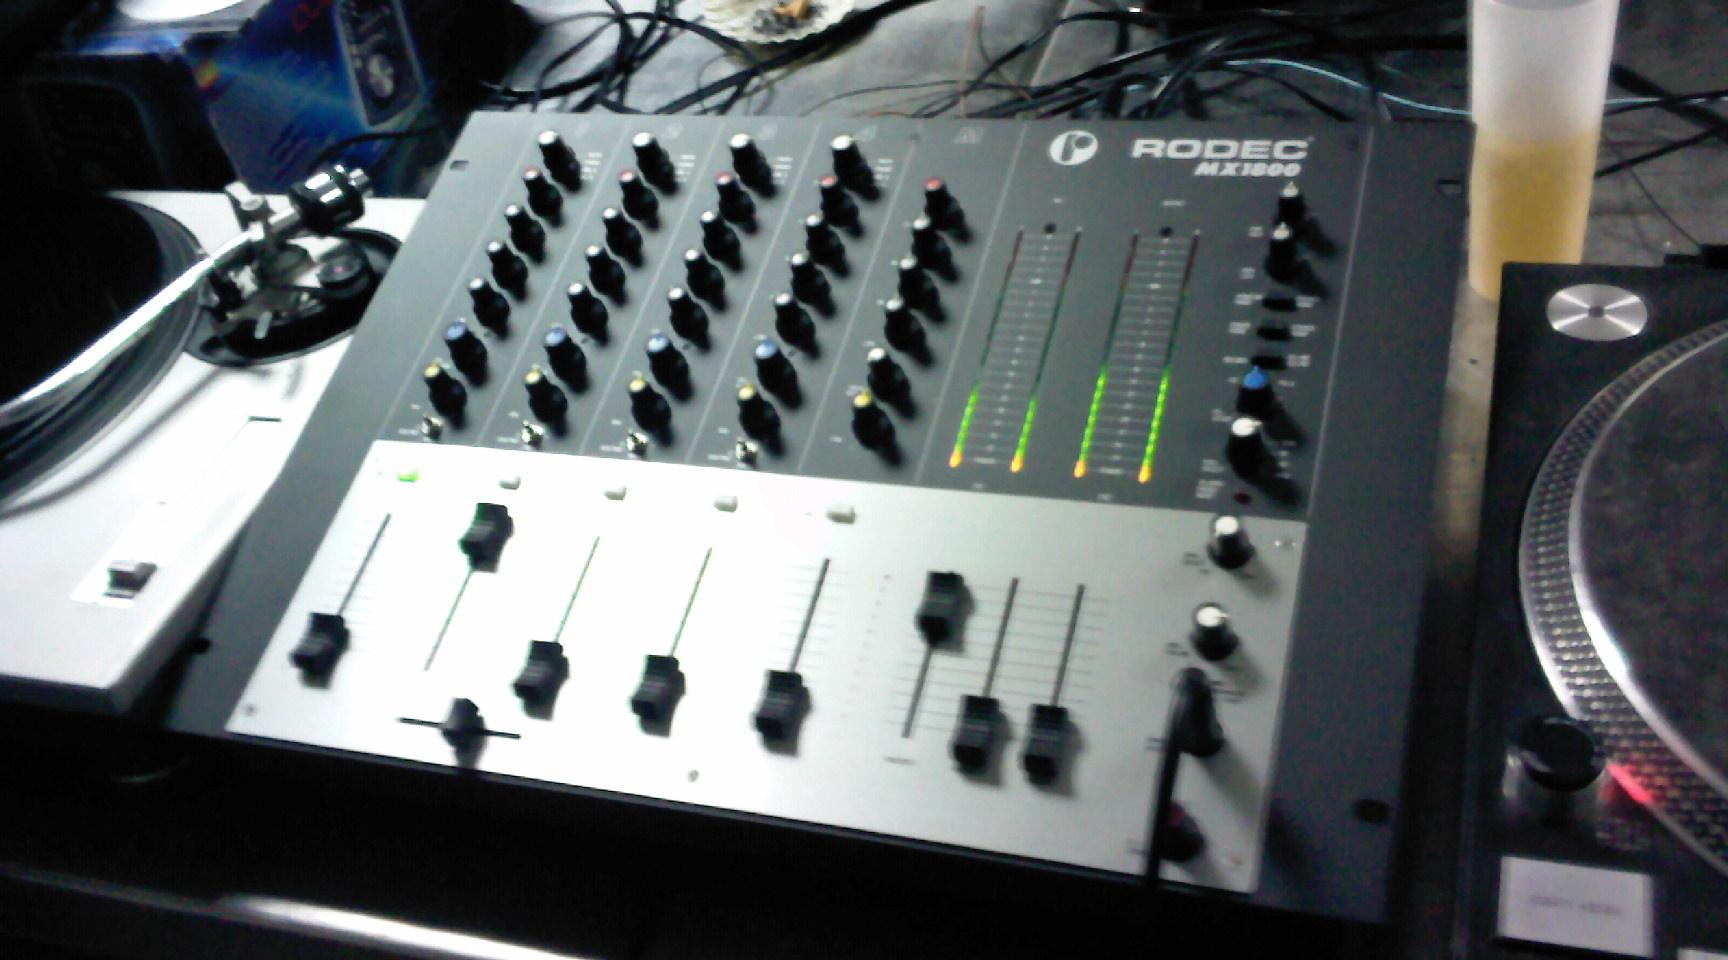 rodec mx 3000 image 246897 audiofanzine